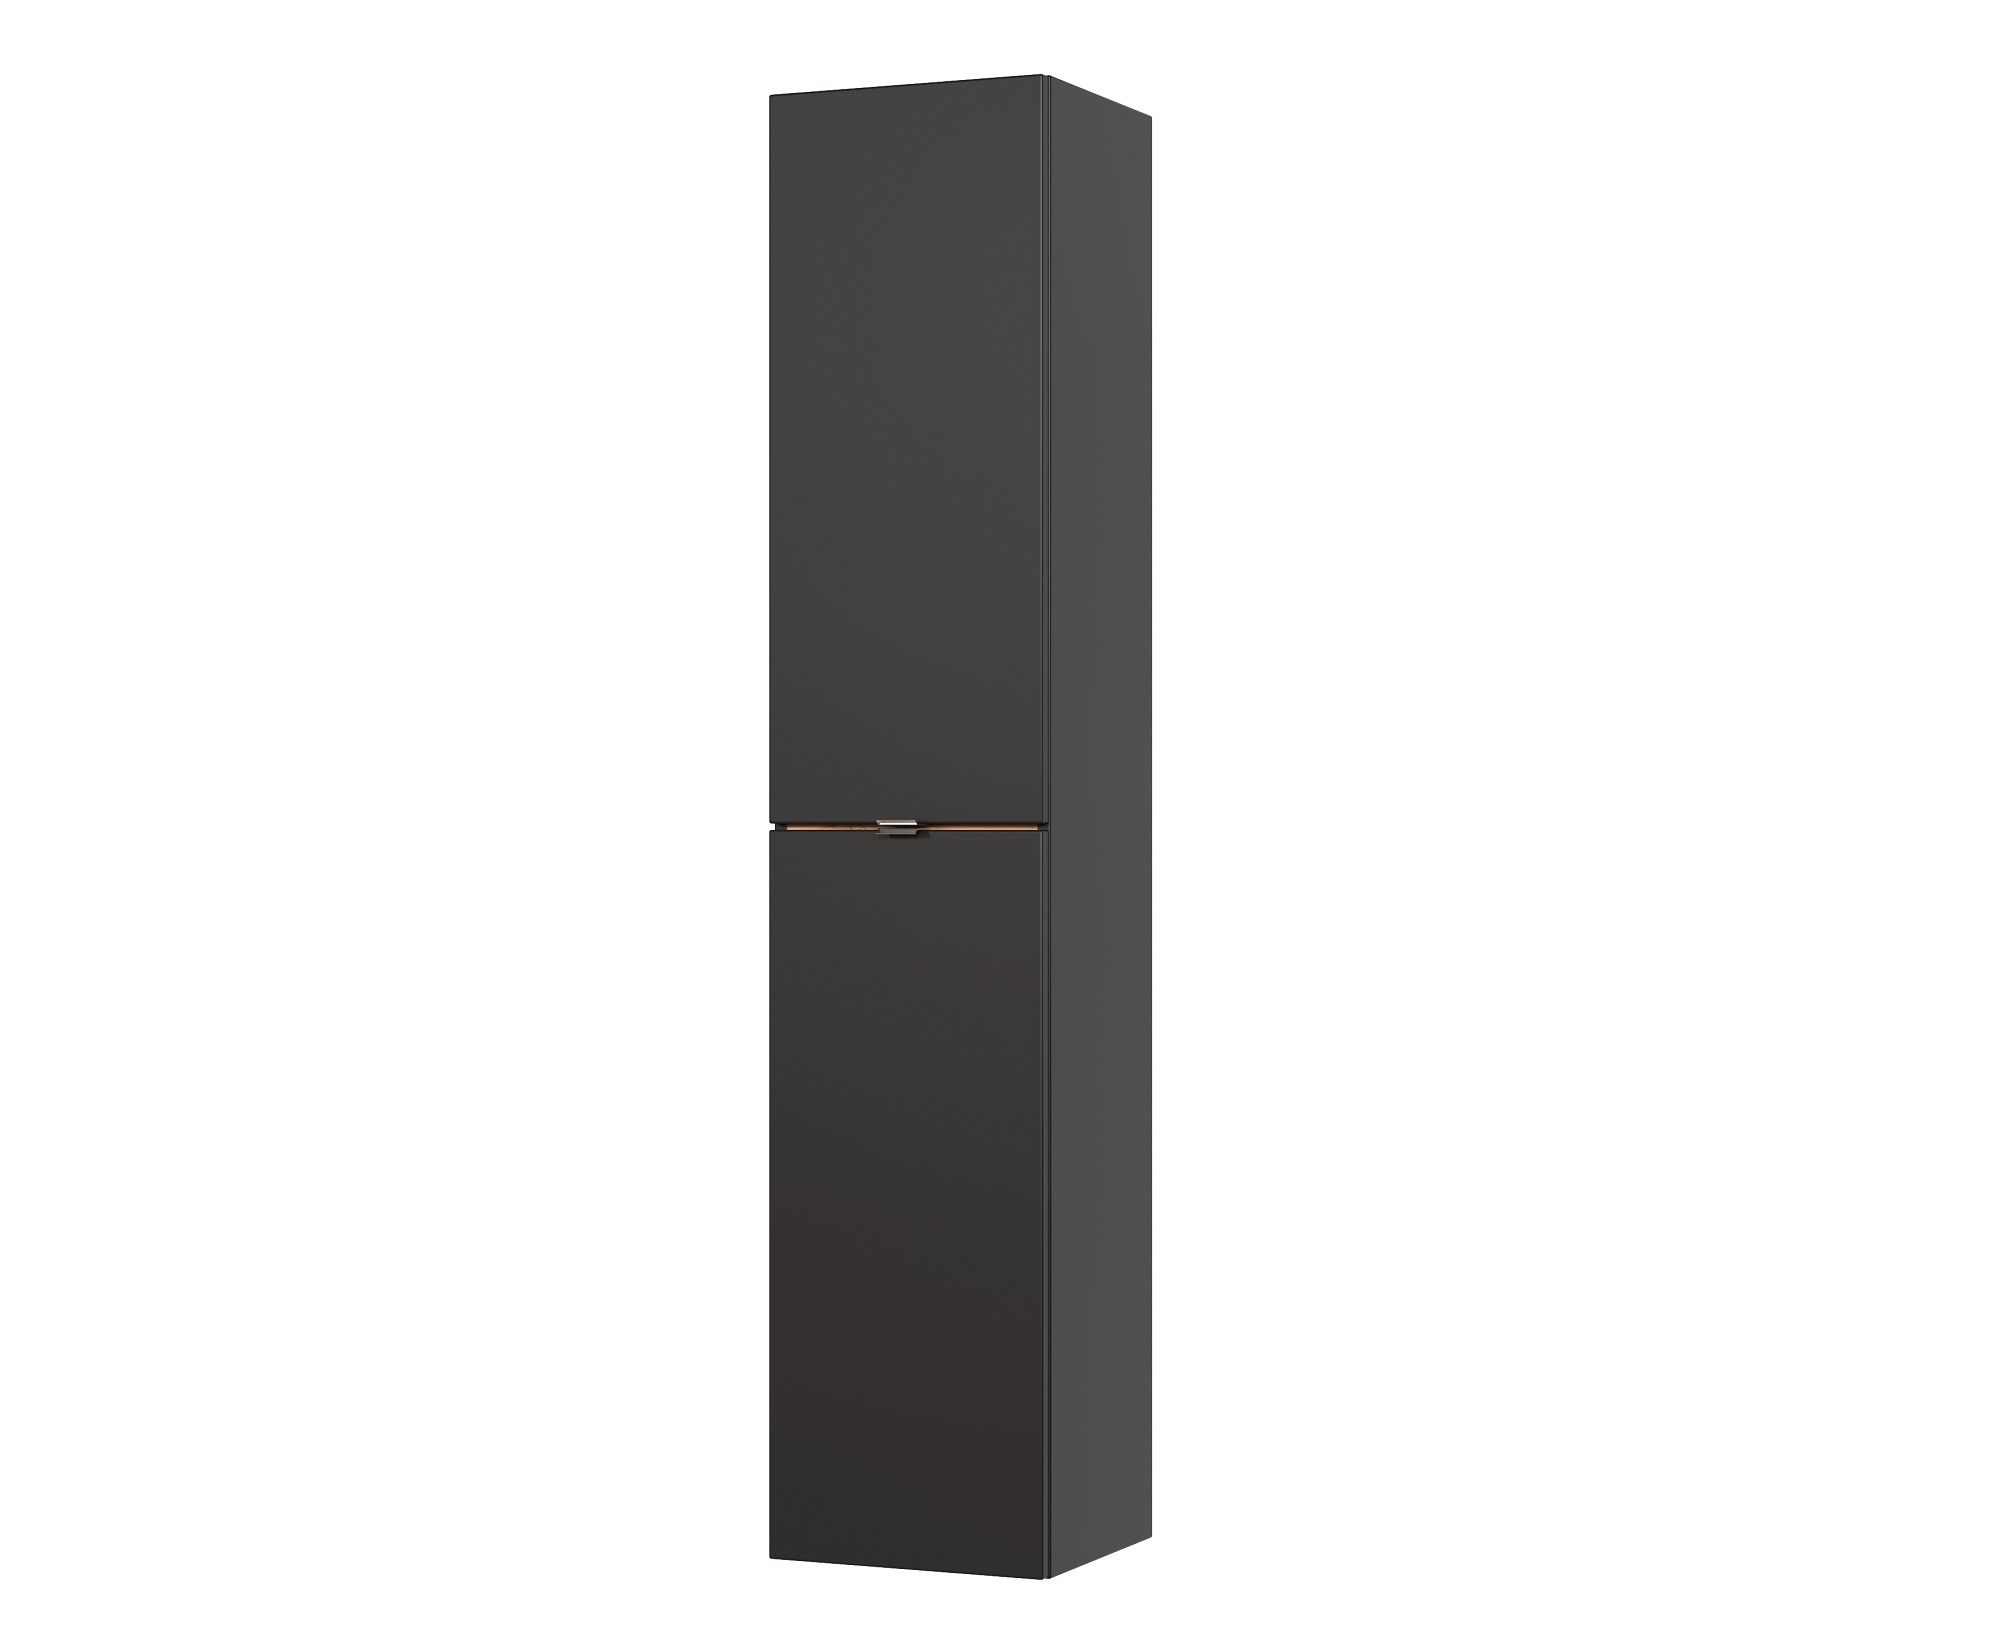 ArtCom Kúpeľňová zostava Capri Cosmos   čierny mat Capri Cosmos   čierny mat: Vysoká skrinka 800